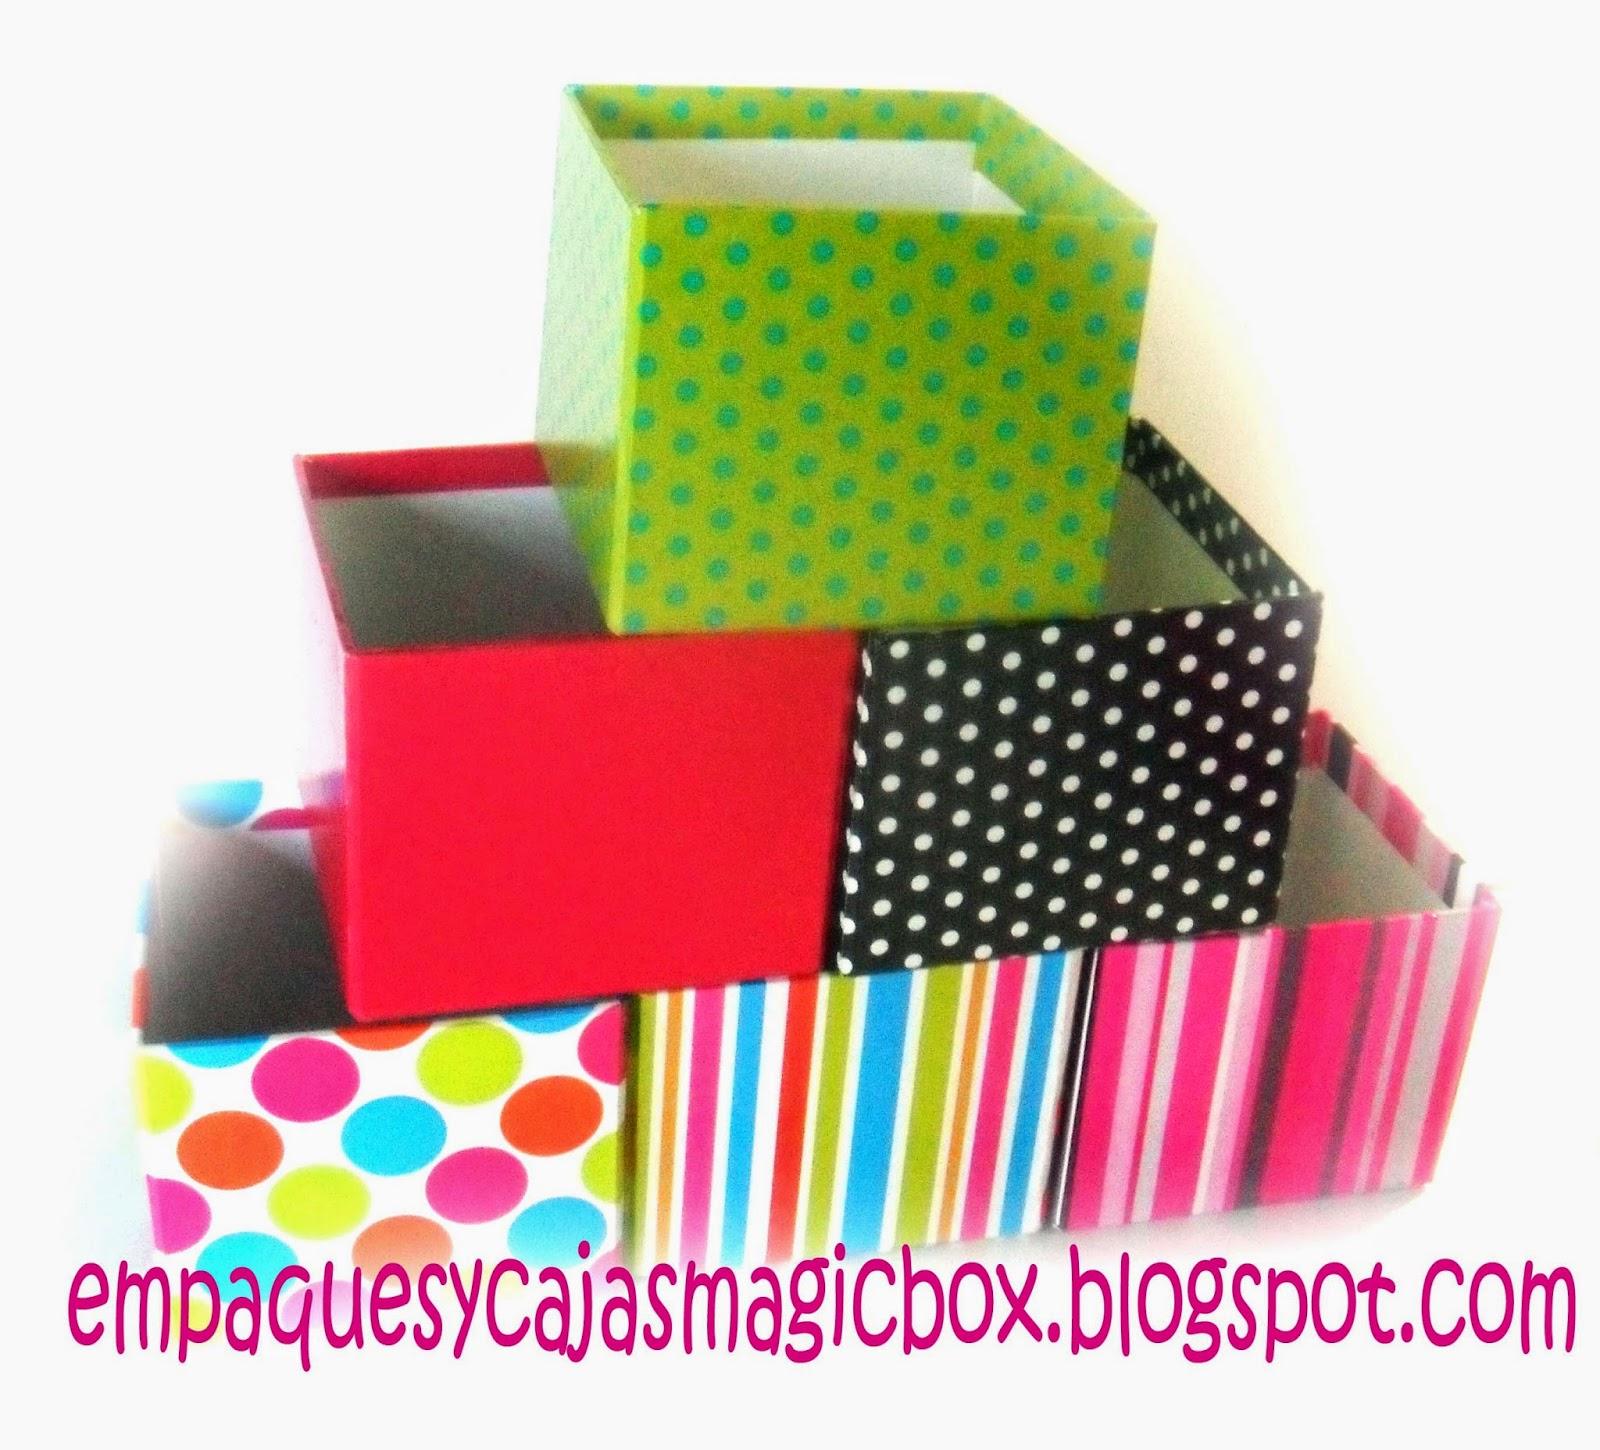 Empaques y cajas decorativas magicbox - Cajas decorativas para almacenar ...